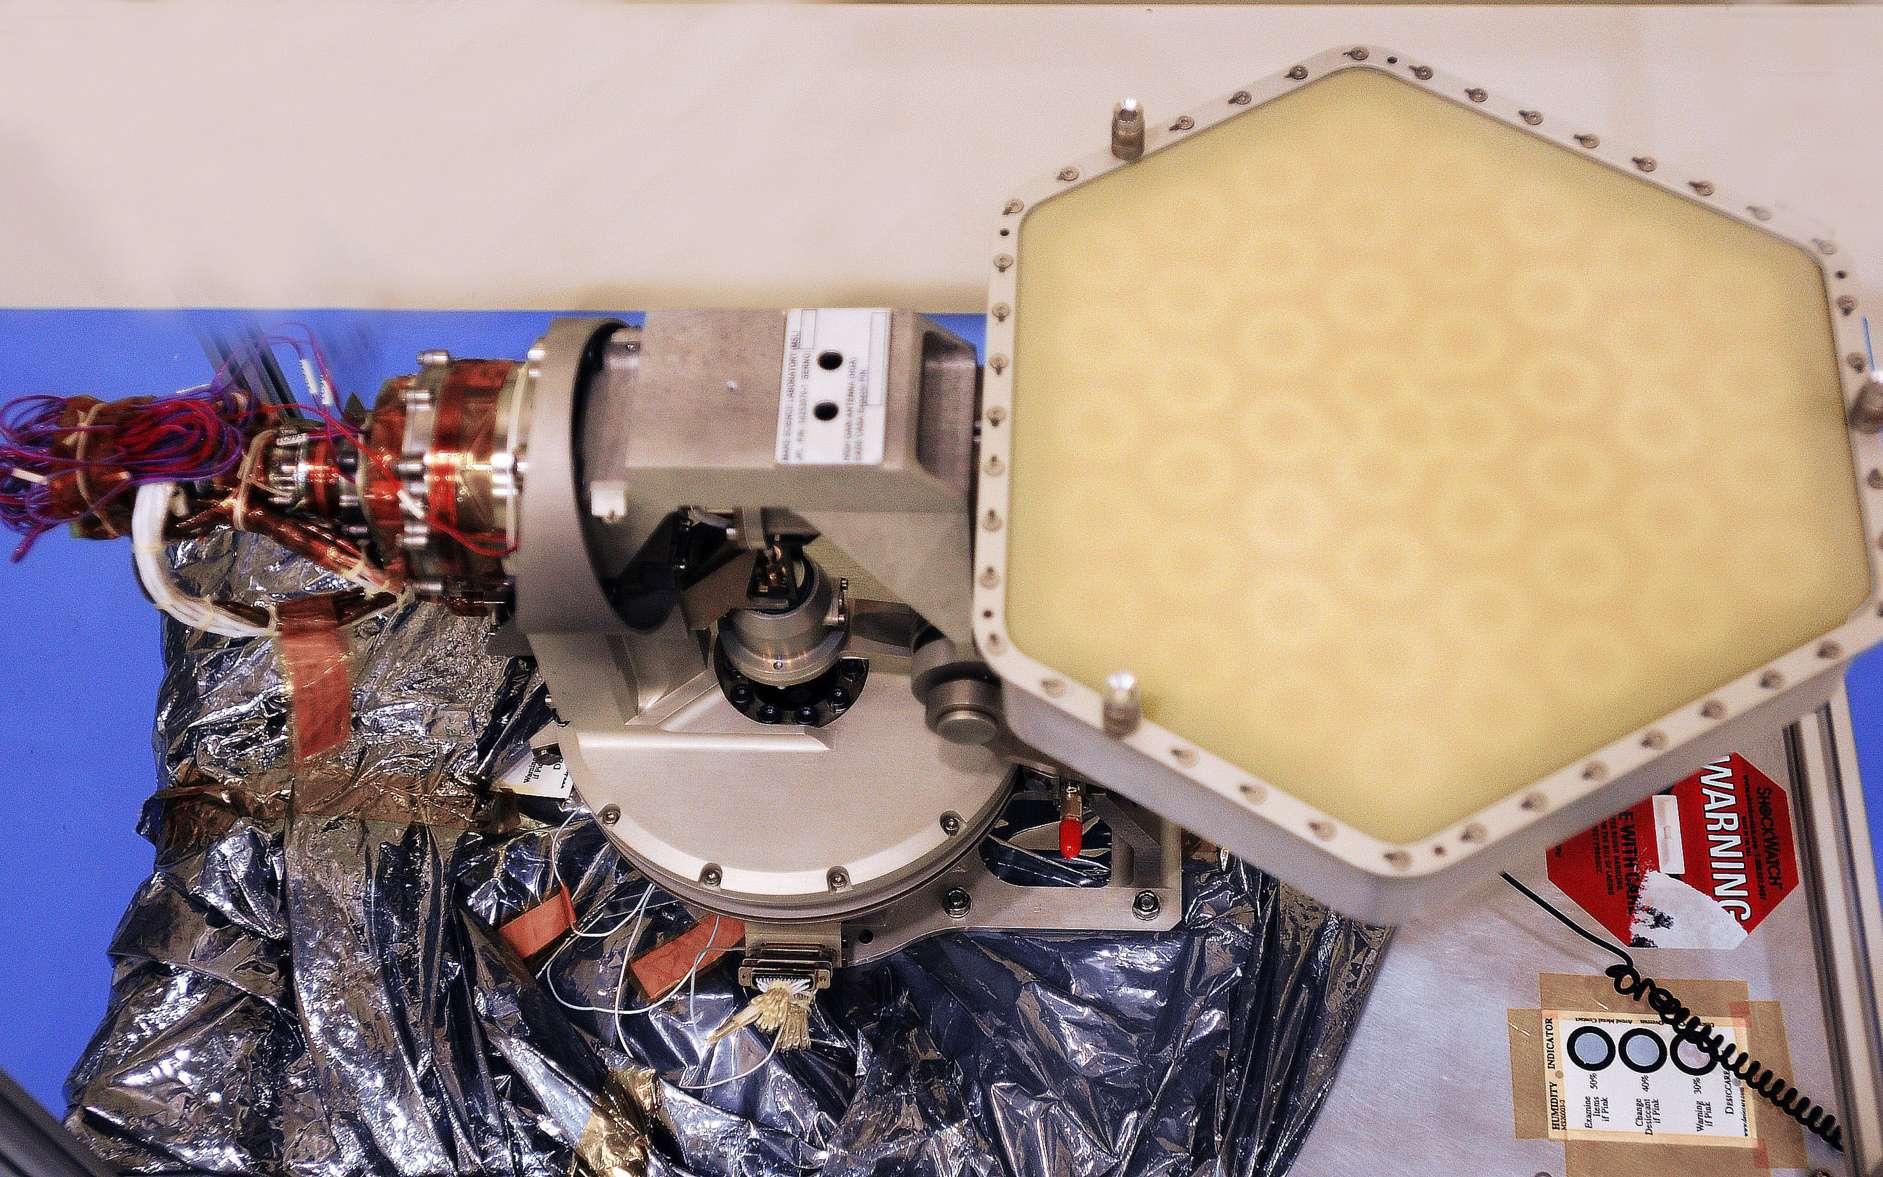 Antenne à grand gain construite par Astrium. Bien qu'elle soit capable d'envoyer directement ses données vers la Terre, Curiosity profitera d'être à portée des orbiteurs de la Nasa, pendant 8 minutes chaque jour, pour transférer jusqu'à 250 mégabits de données. © Nasa/JPL-Caltech